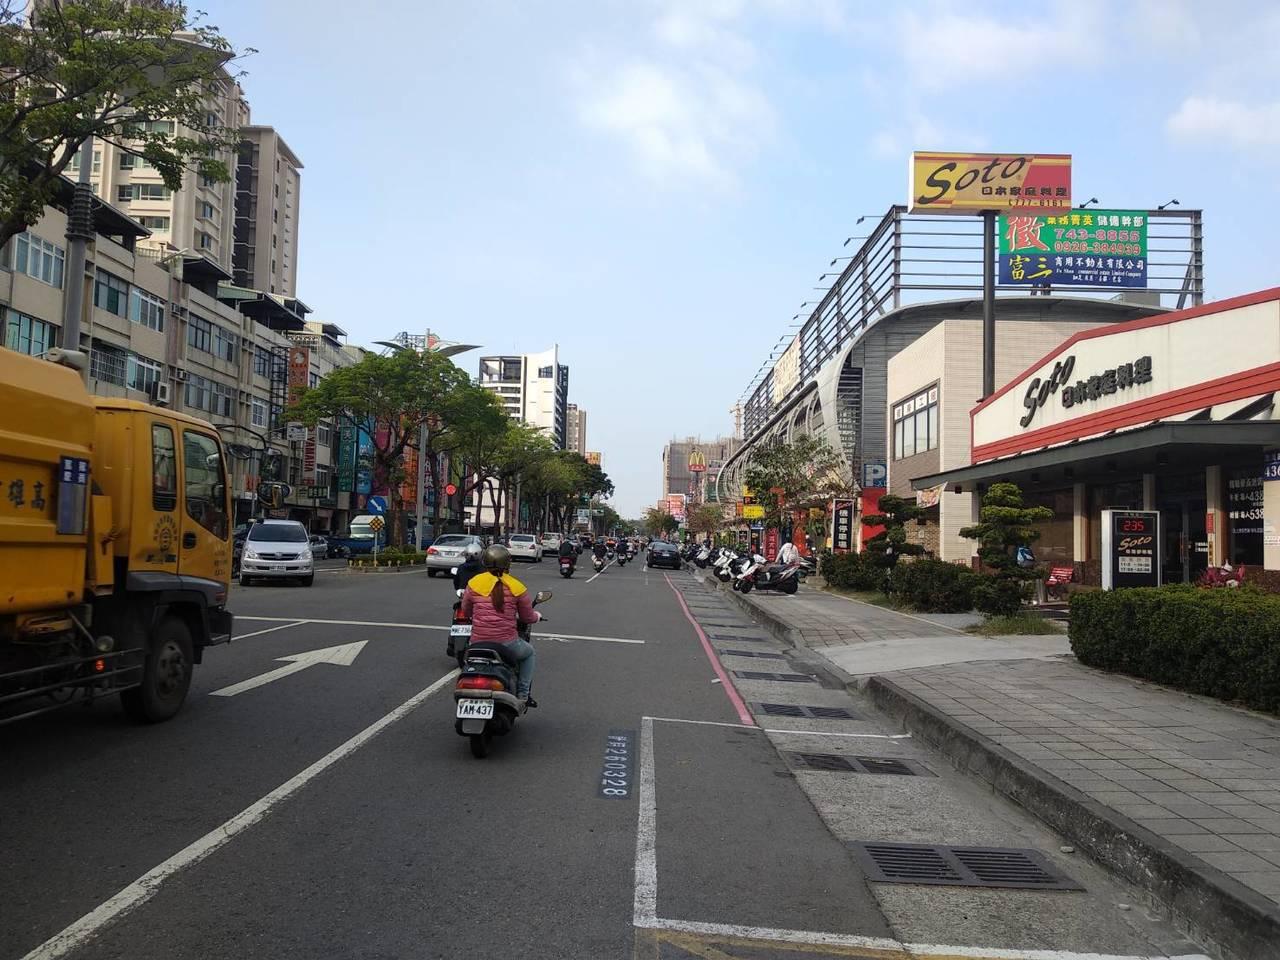 高雄鳳山區民生需求龐大、商業行為頻繁、店面林立。記者謝梅芬/攝影